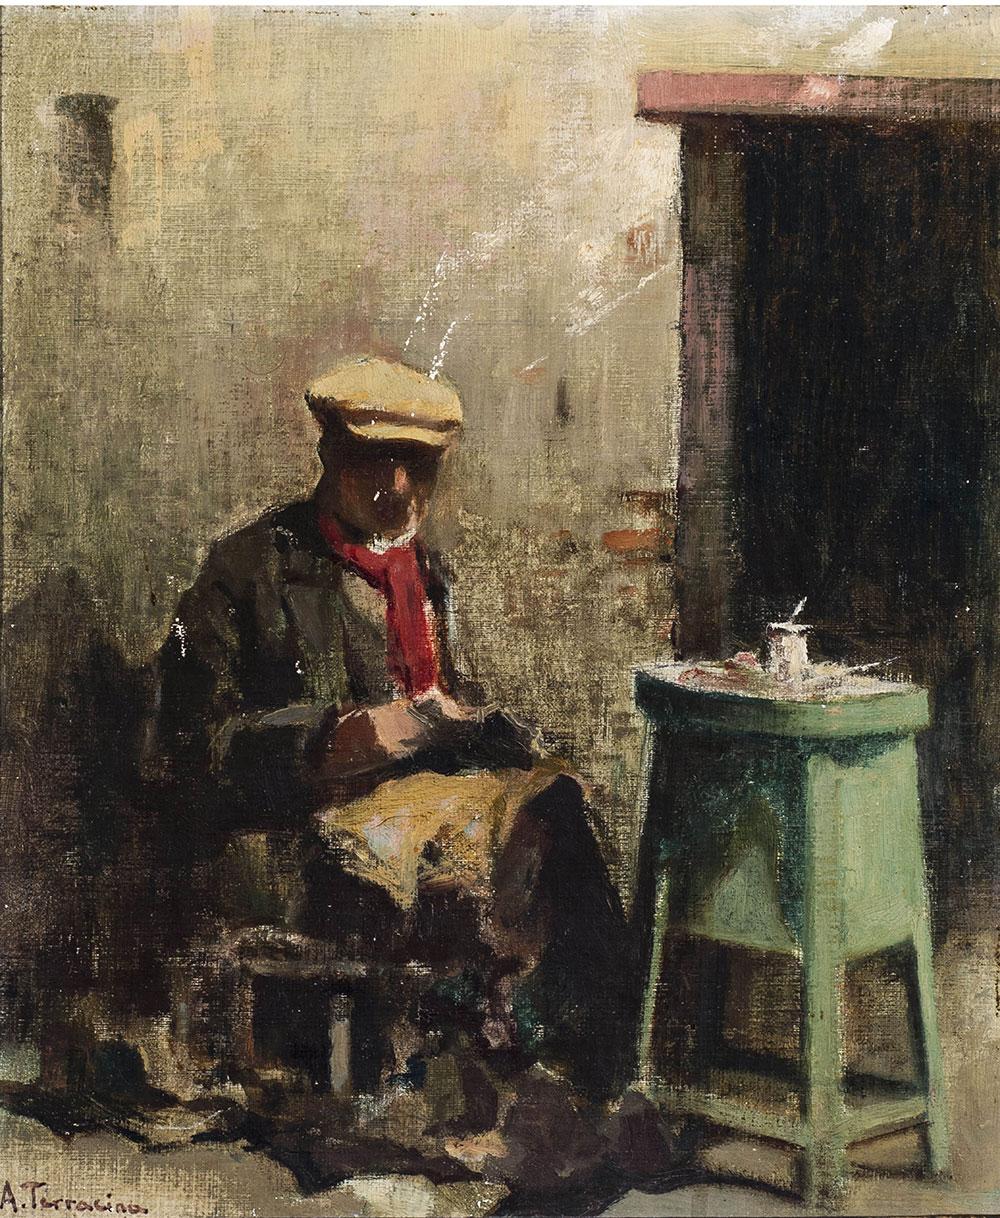 Il calzolaio, olio su cartone telato – Arturo Bacio Terracina